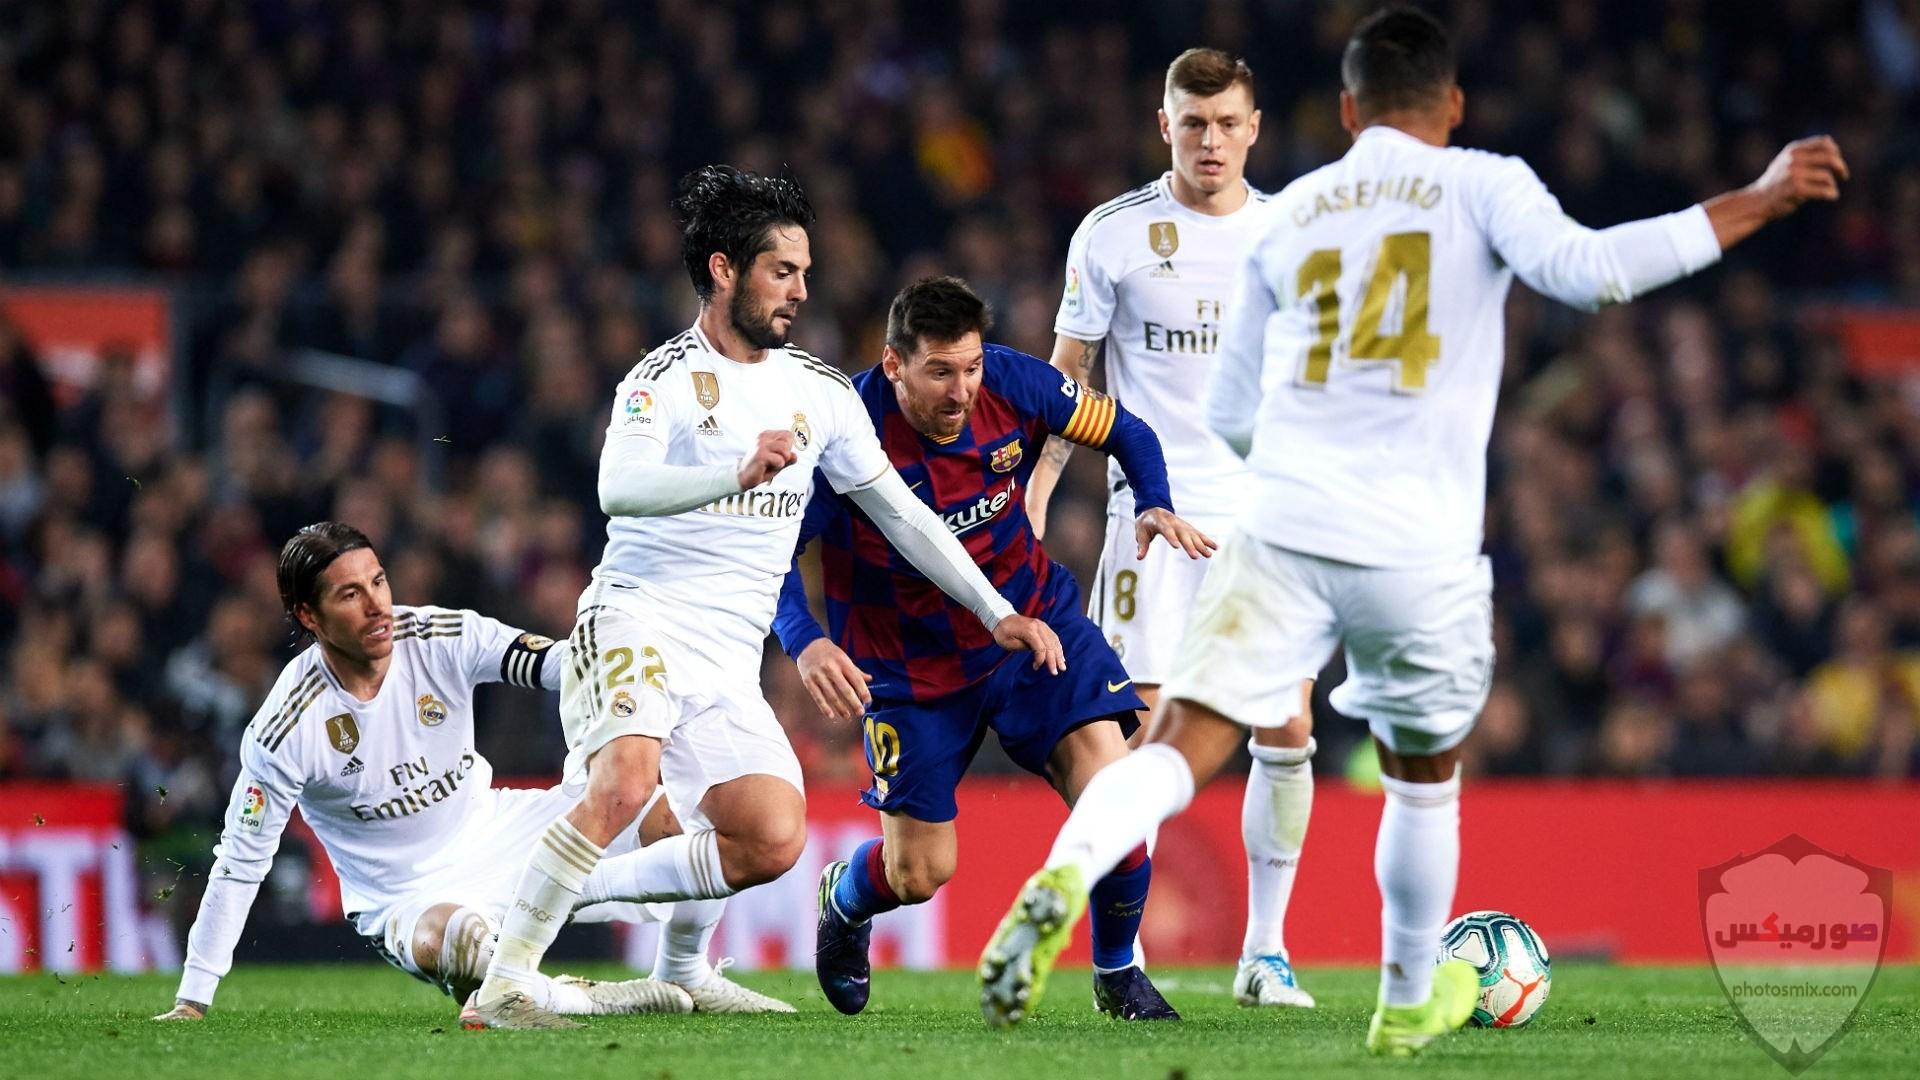 صور لاعبي ريال مدريد 58